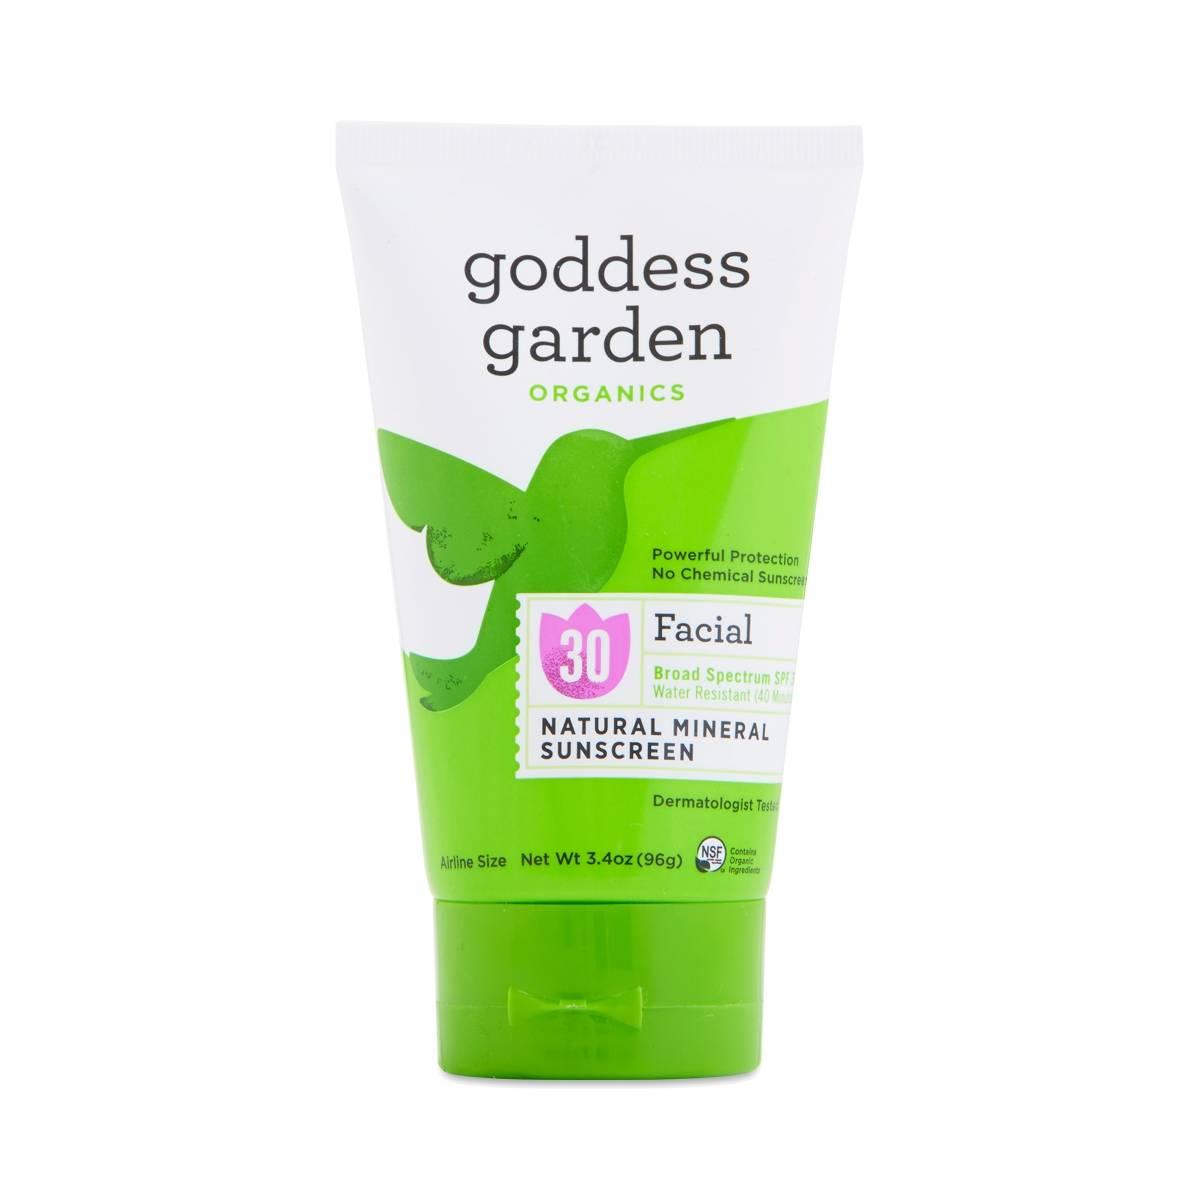 Goddess Garden Spf 30 Facial Natural Sunscreen Lotion Thrive Market